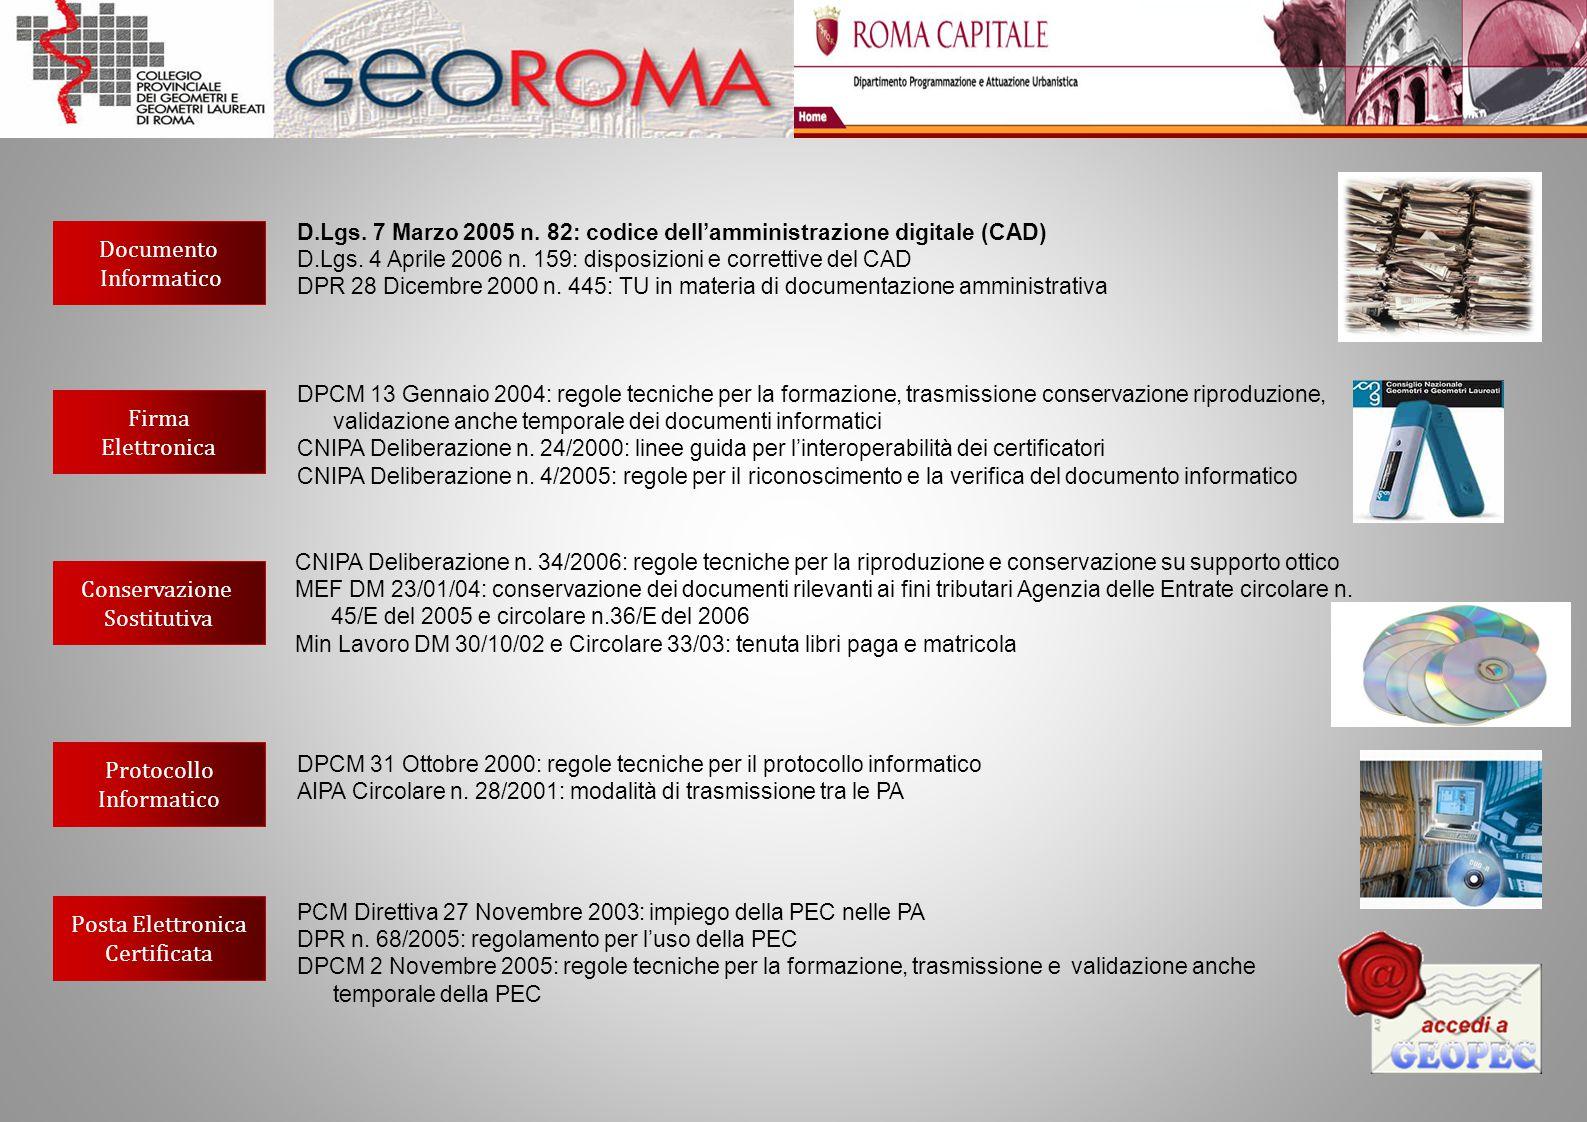 Documento Informatico Firma Elettronica Conservazione Sostitutiva Protocollo Informatico Posta Elettronica Certificata D.Lgs. 7 Marzo 2005 n. 82: codi